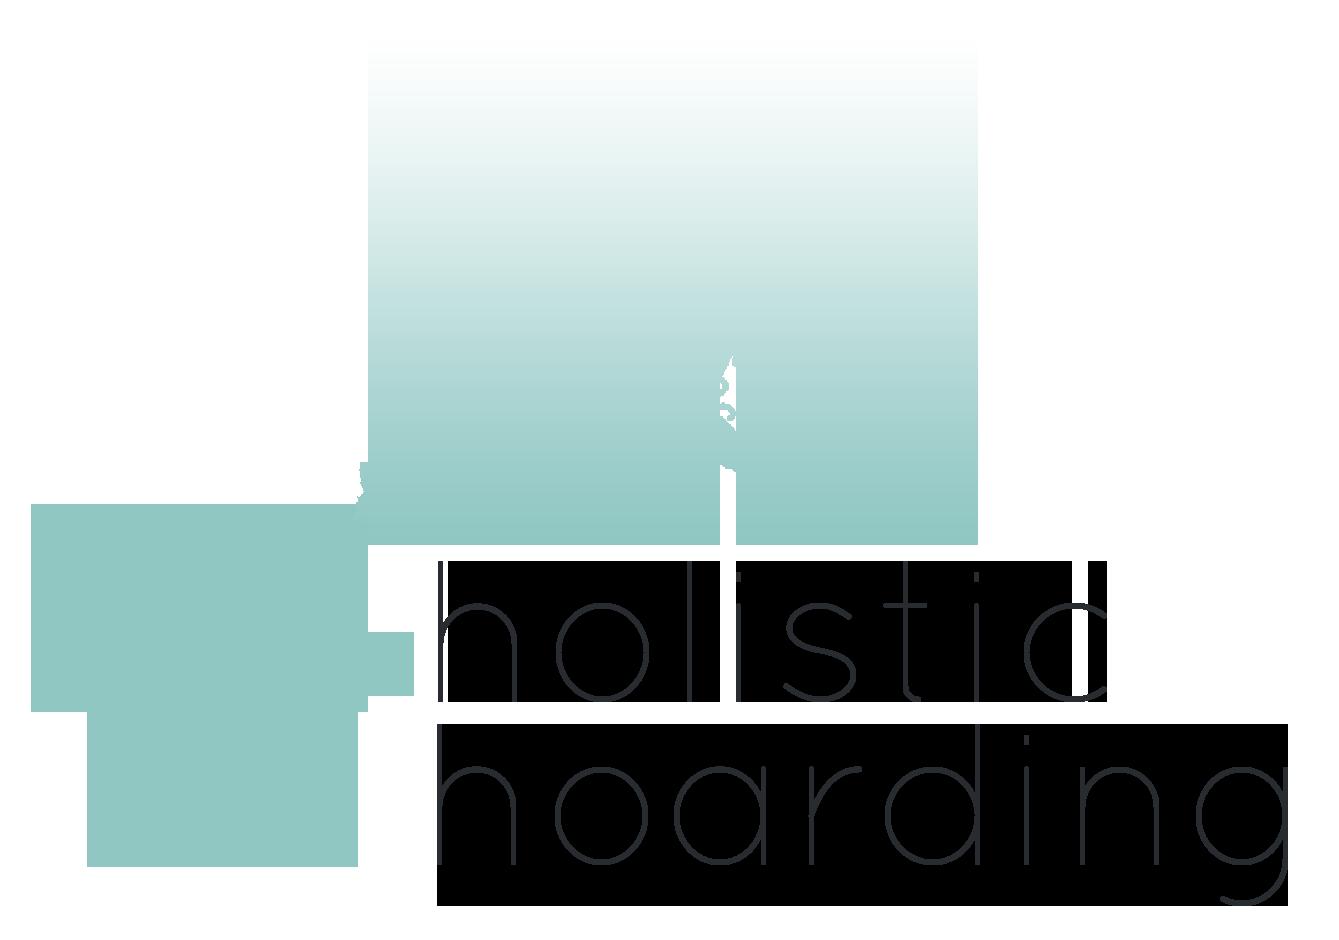 Holistic Hoarding